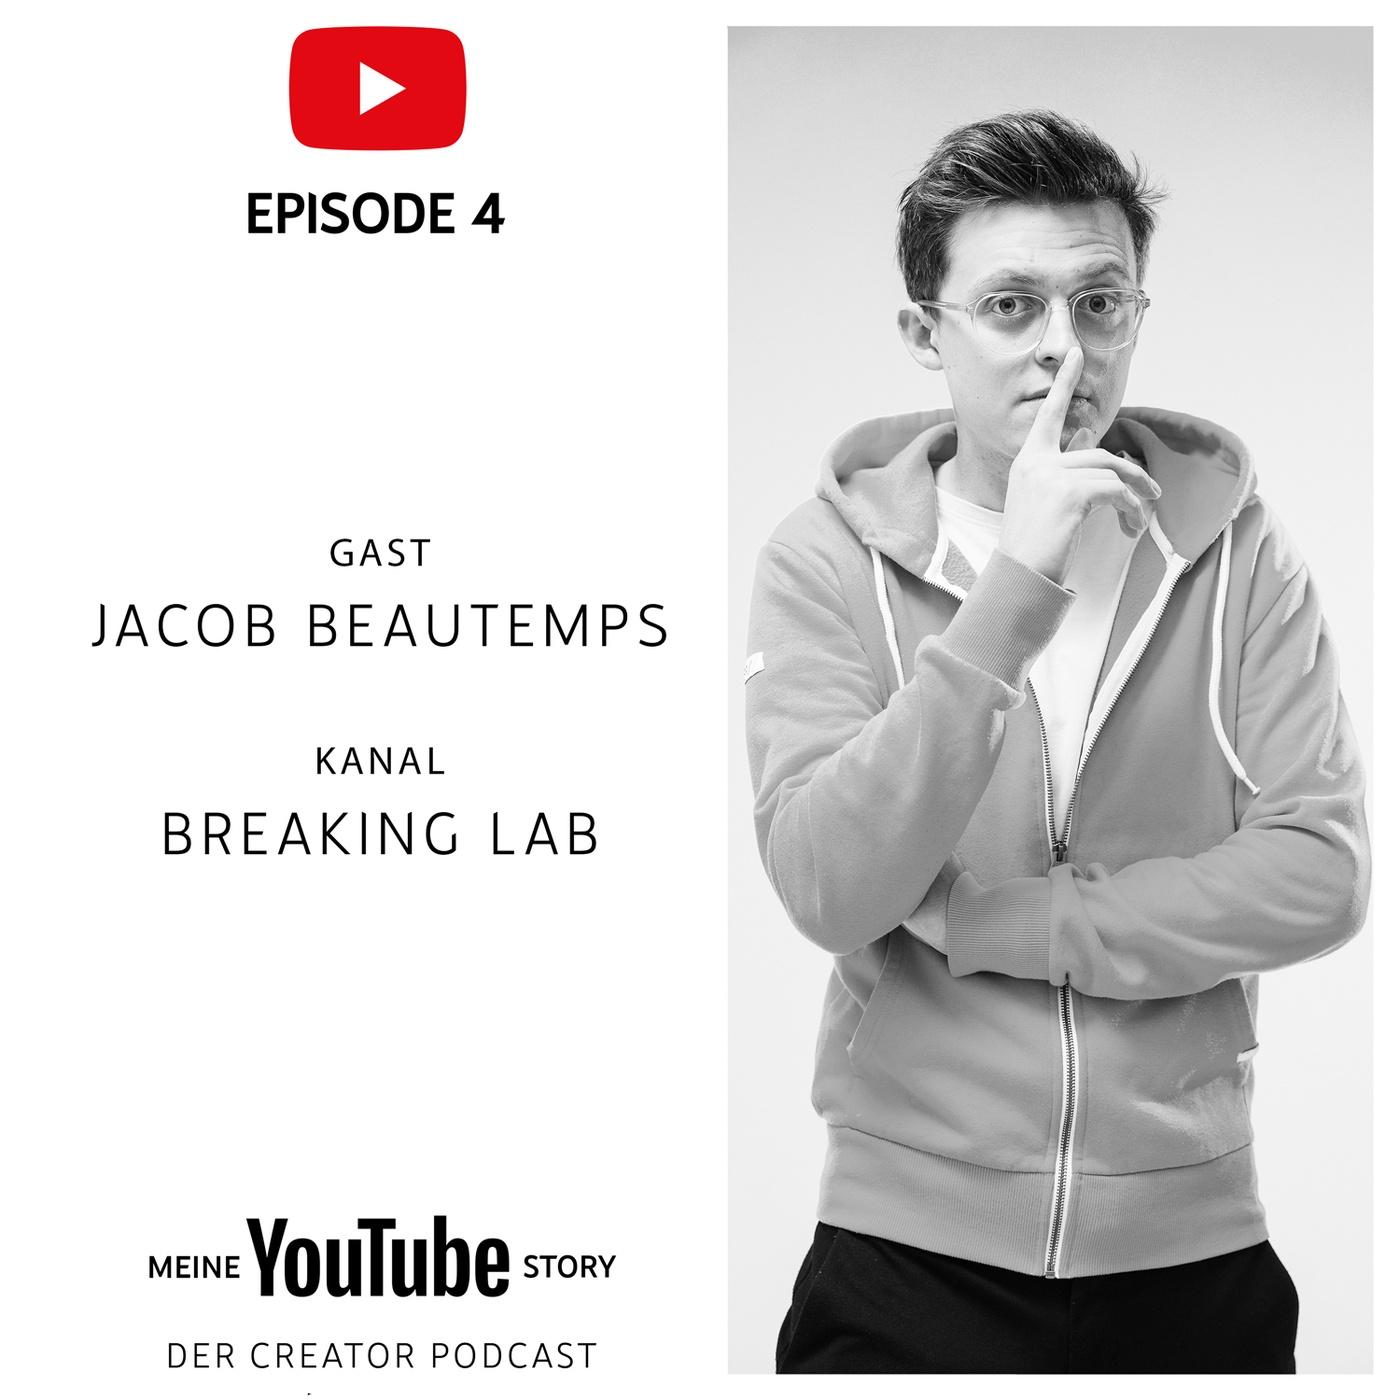 Jacob von Breaking Lab